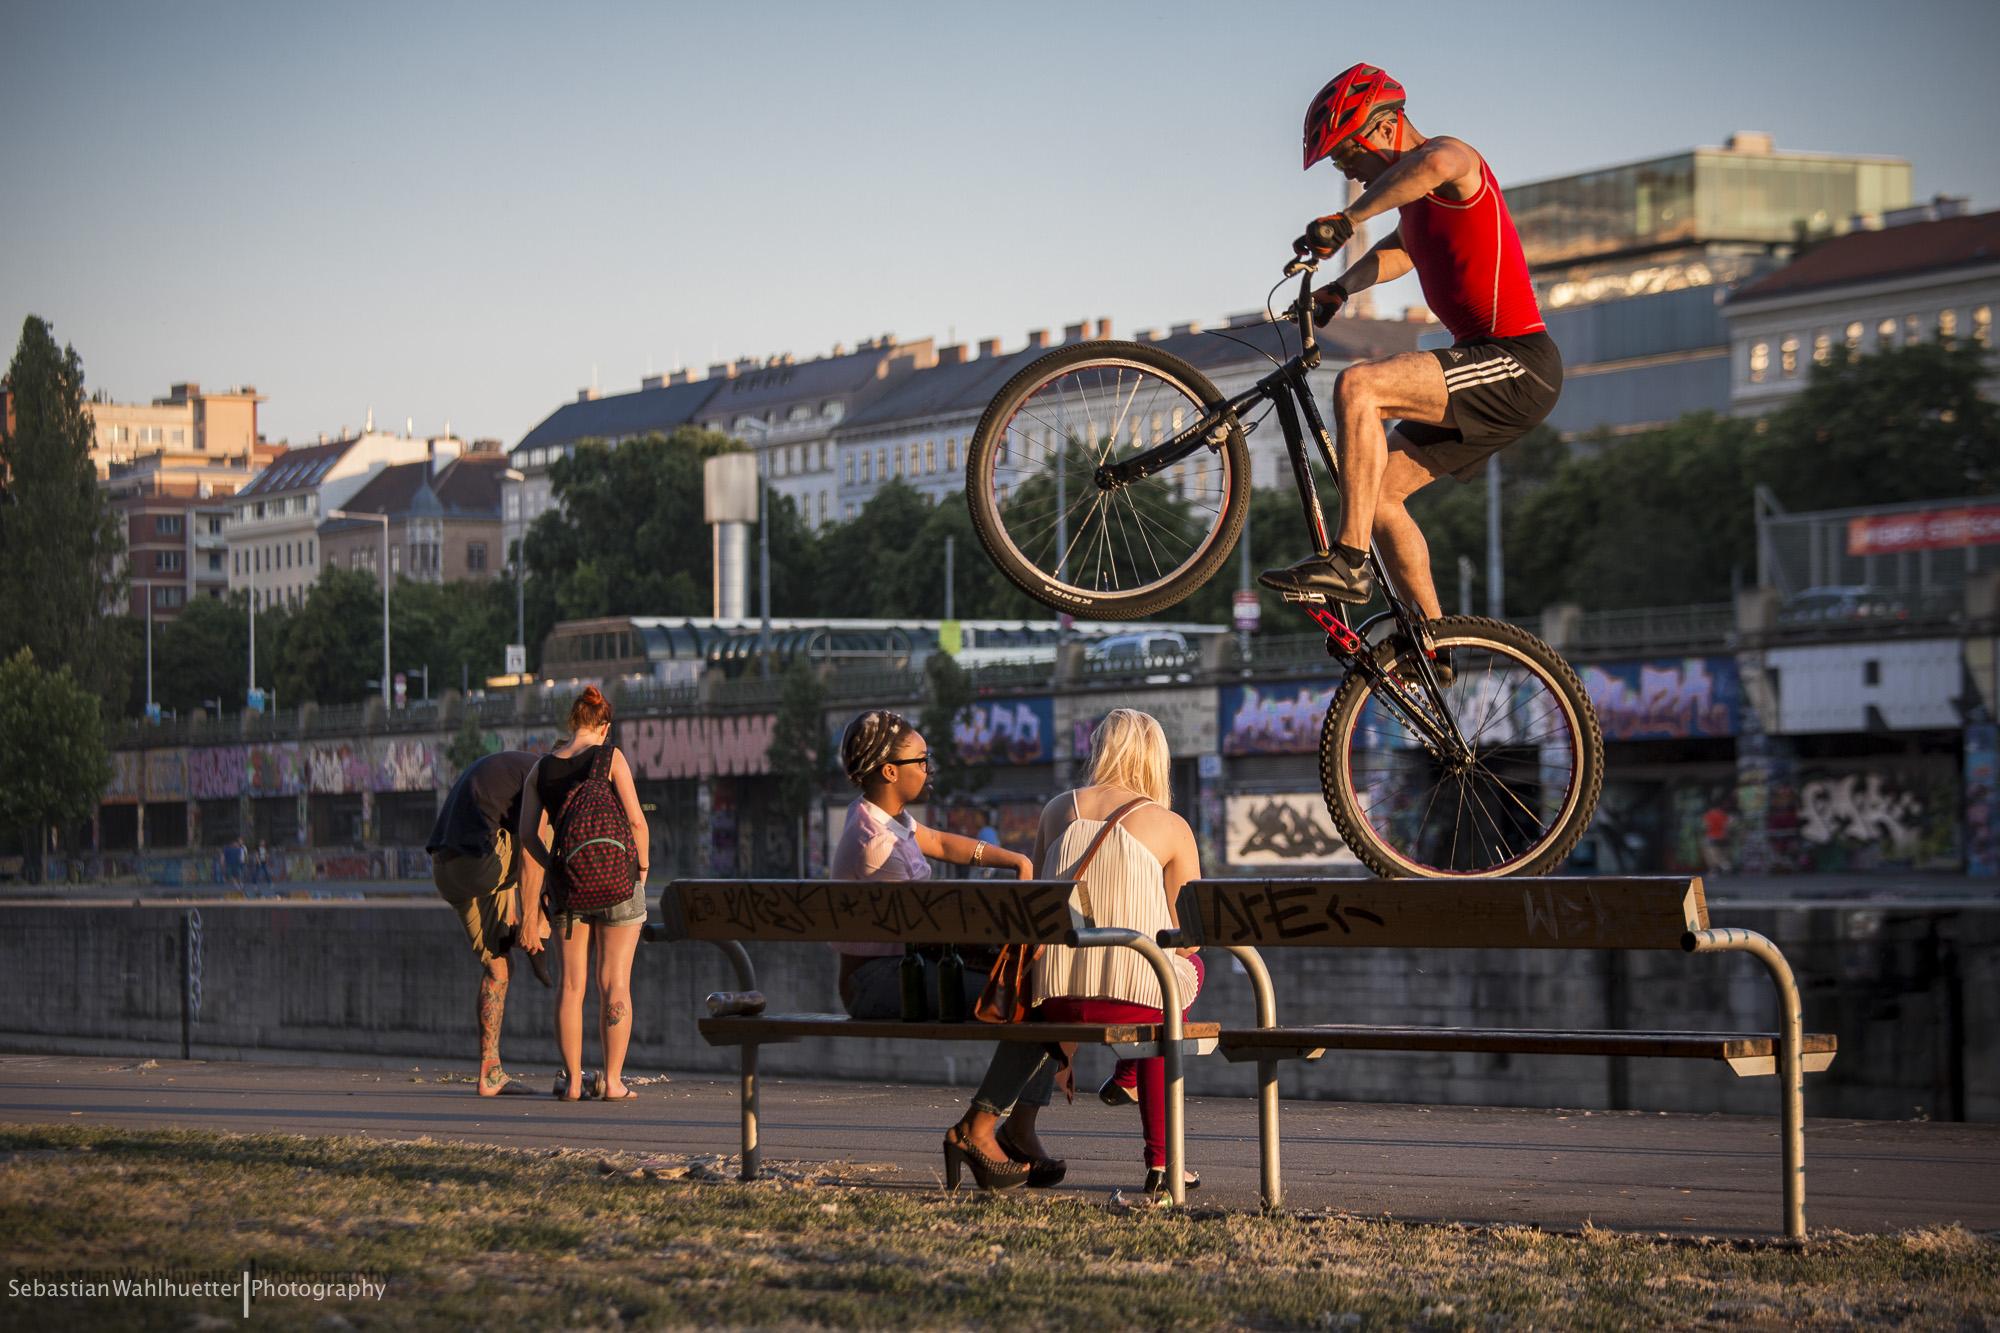 Biketrial-Wahlhuetter-Vienna-DK-8